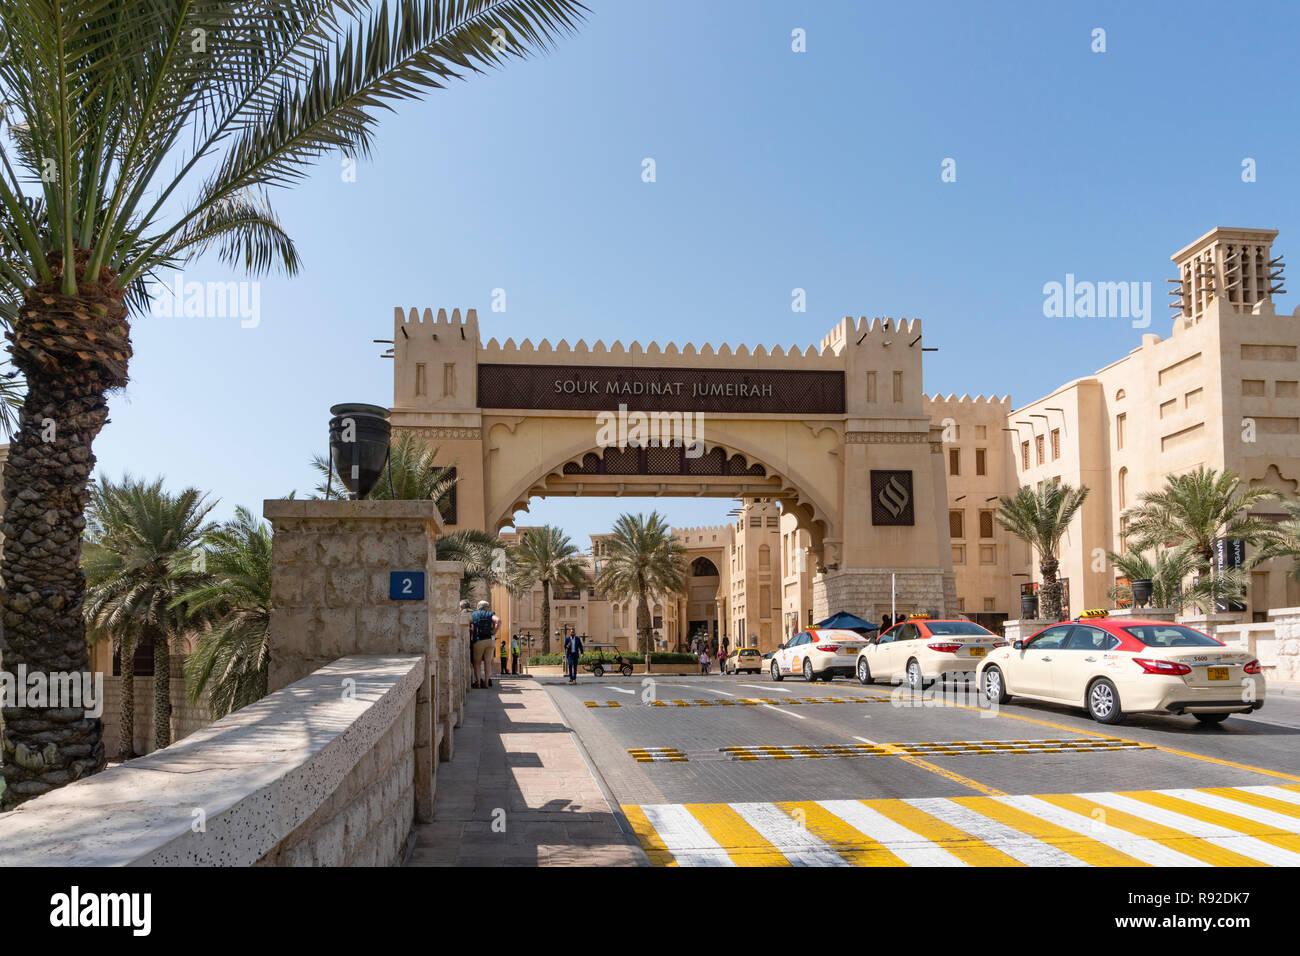 Vue de l'entrée du Souk Madinat Jumeirah à Dubai, UAE Banque D'Images